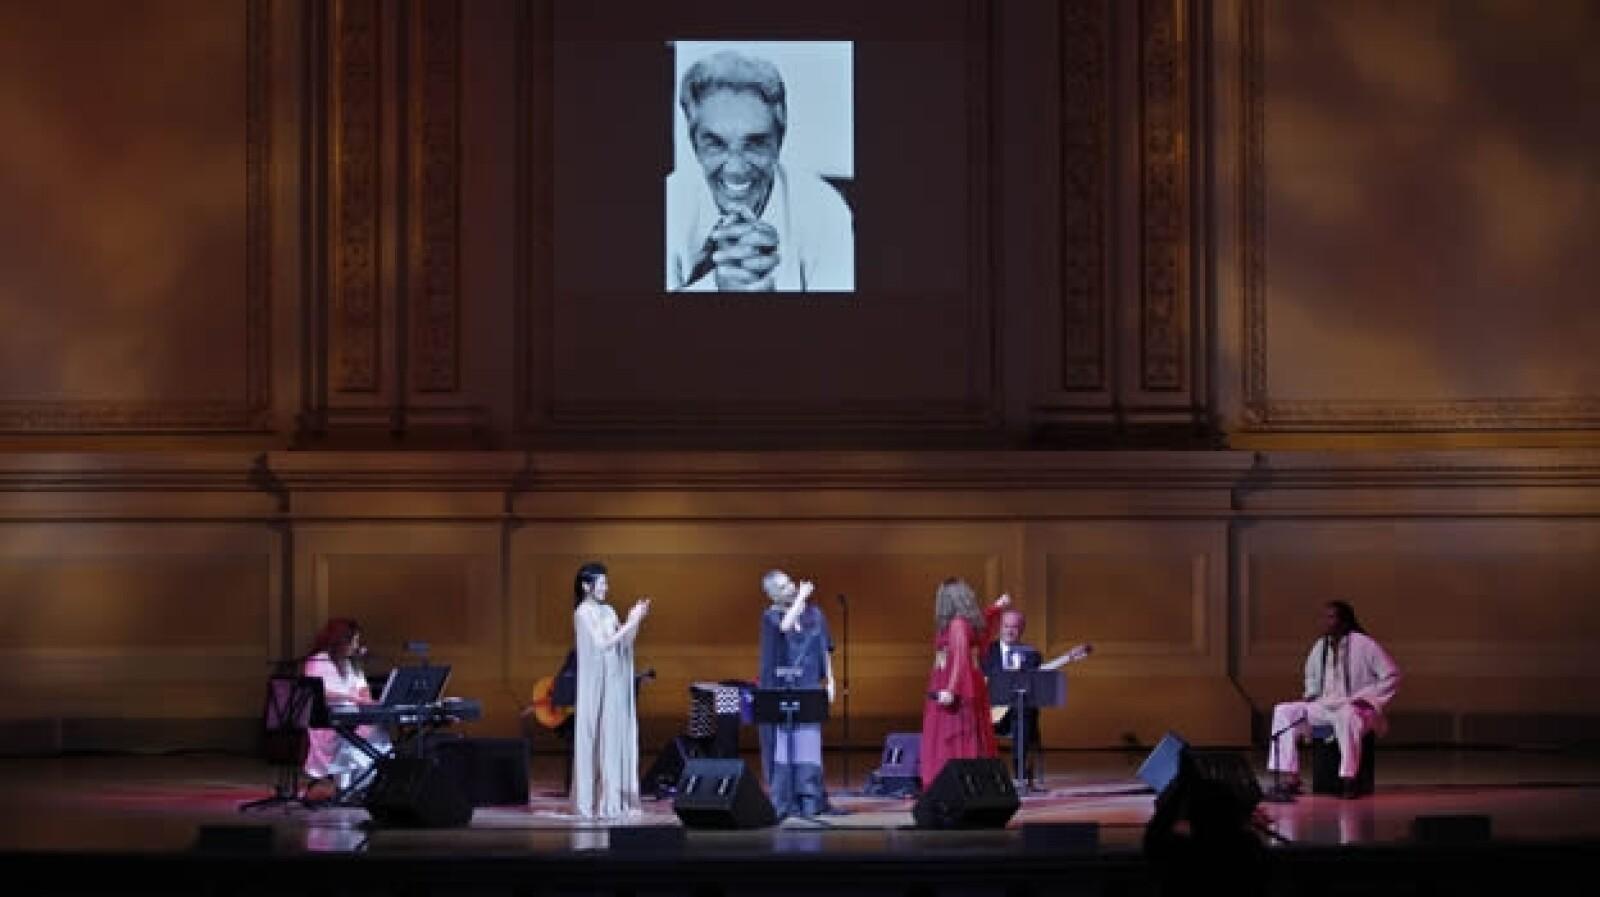 chavela vargas, ely guerra, eugenia leon, tania libertad, homenaje, nueva york, concierto, carnegie hall